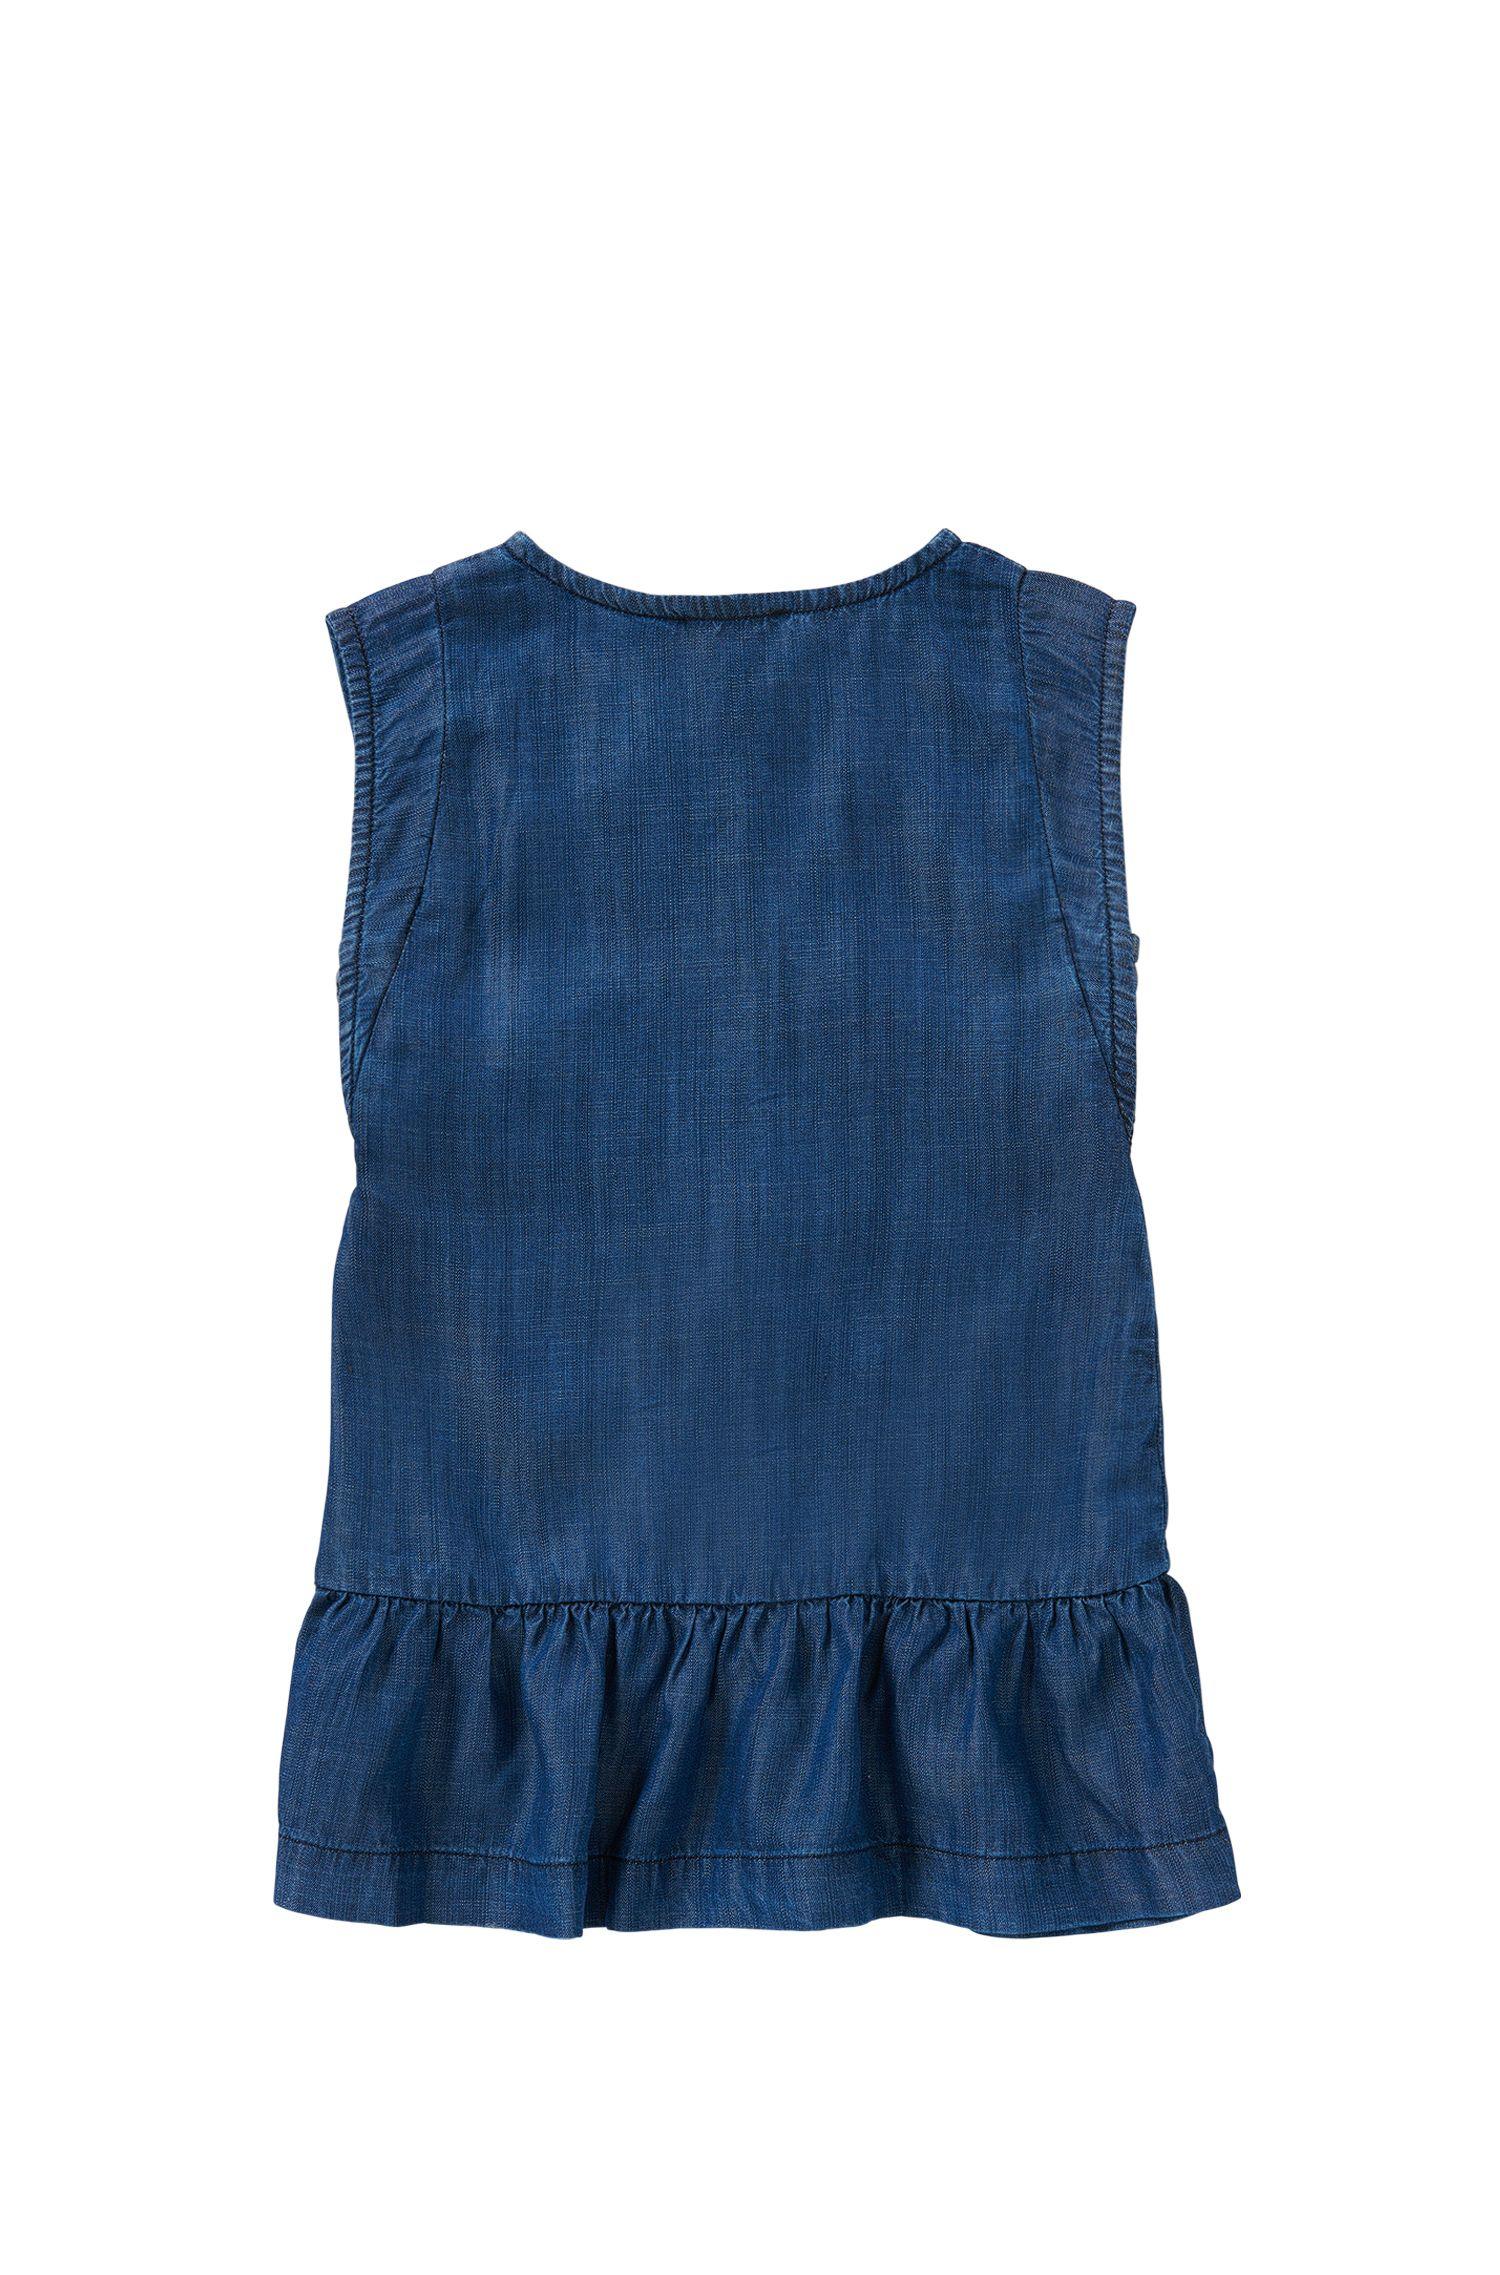 'J12149' | Girls Tencel Denim Buttoned Dress